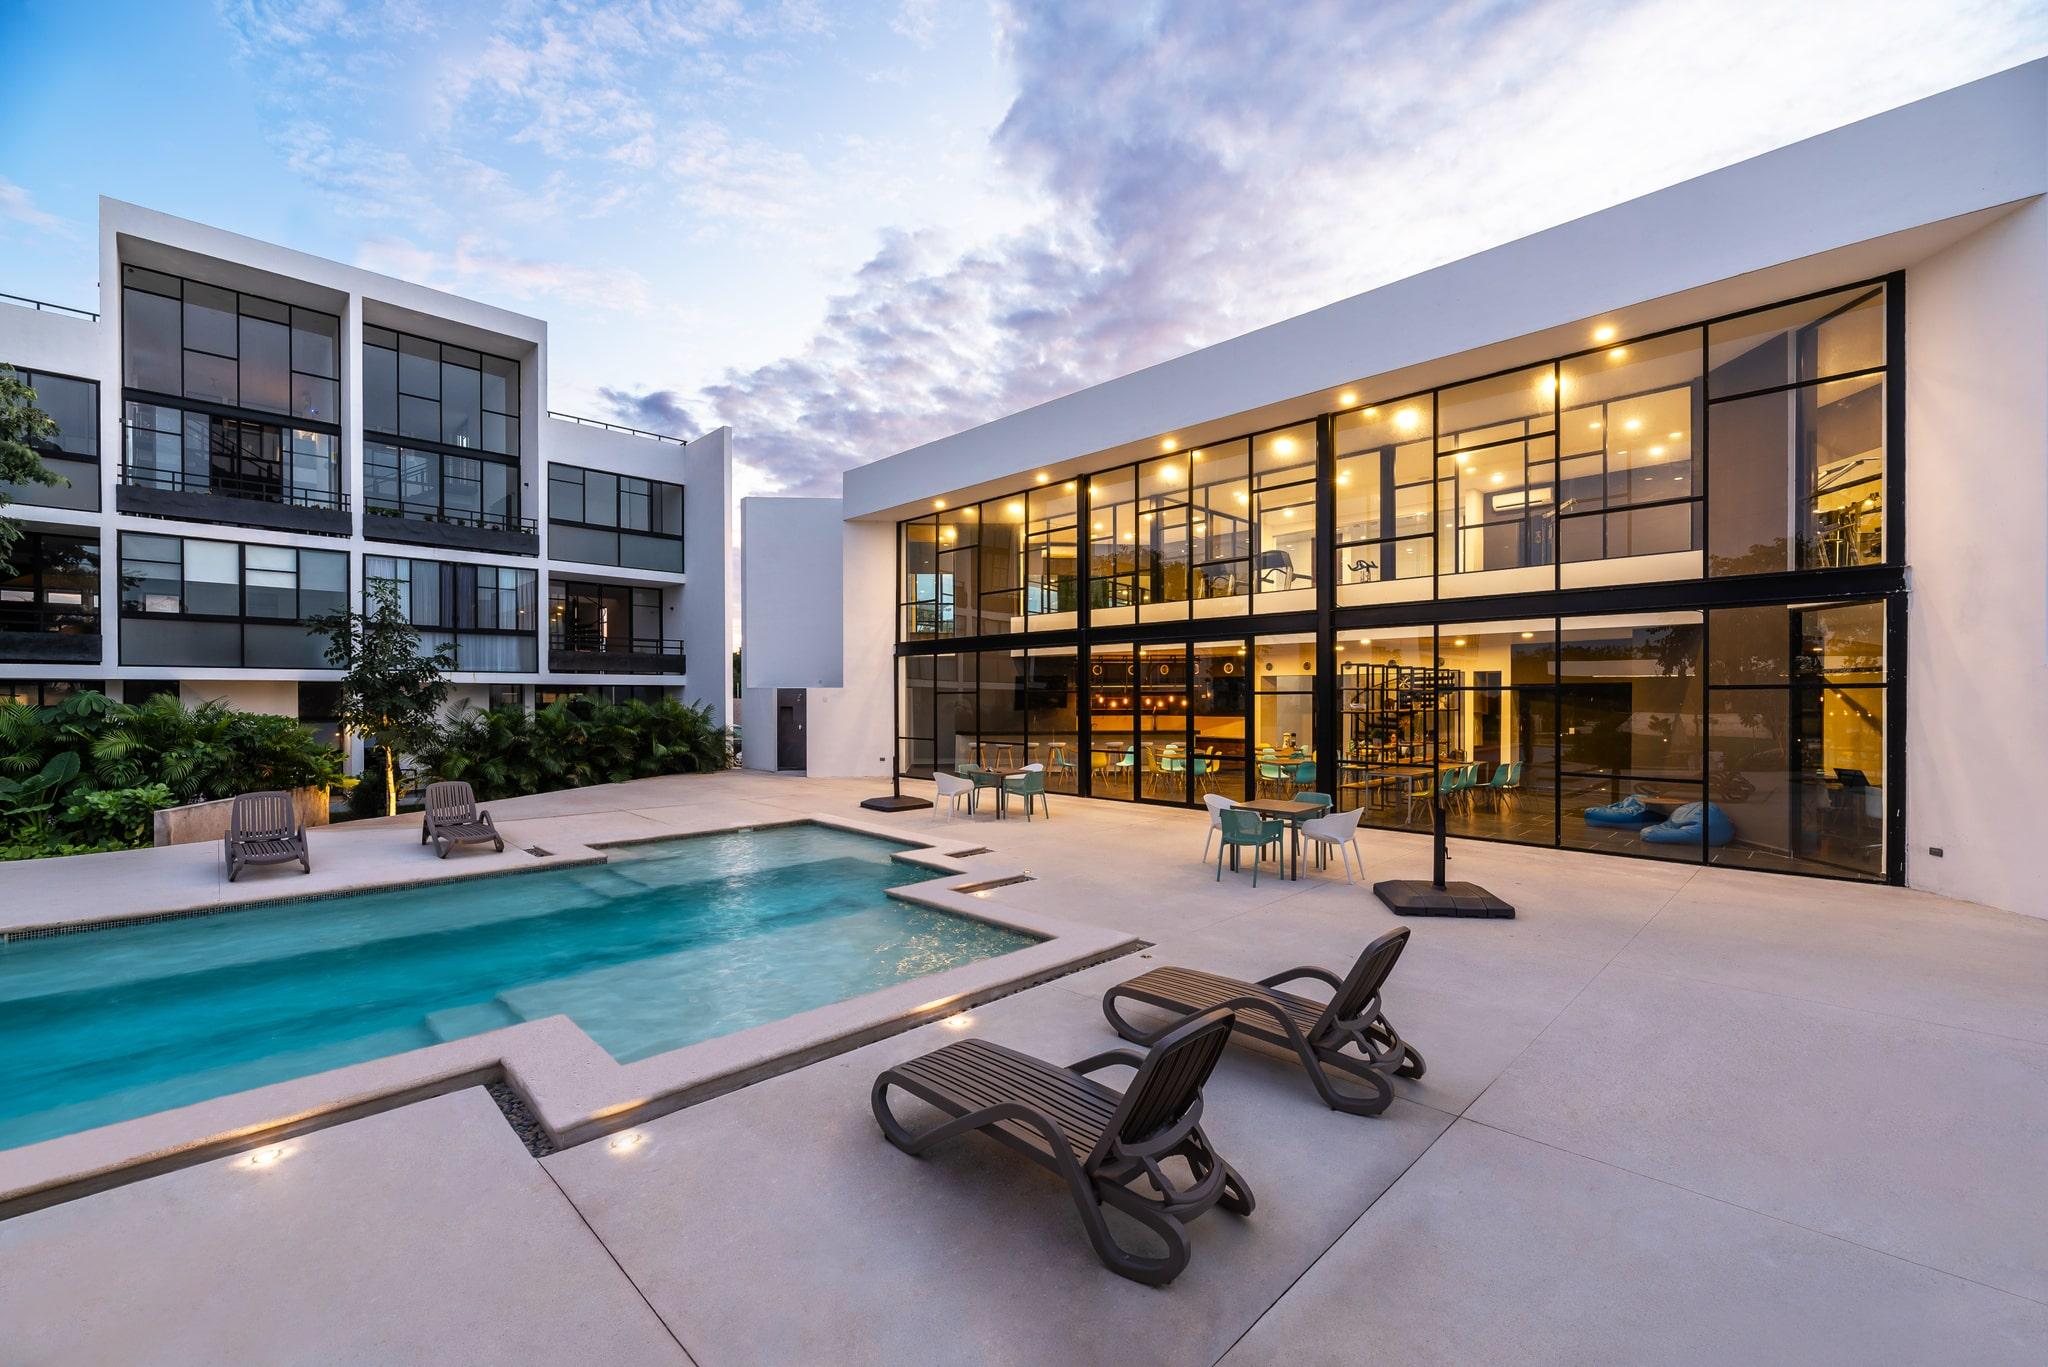 Mejores propiedades para iniciar un negocio de renta